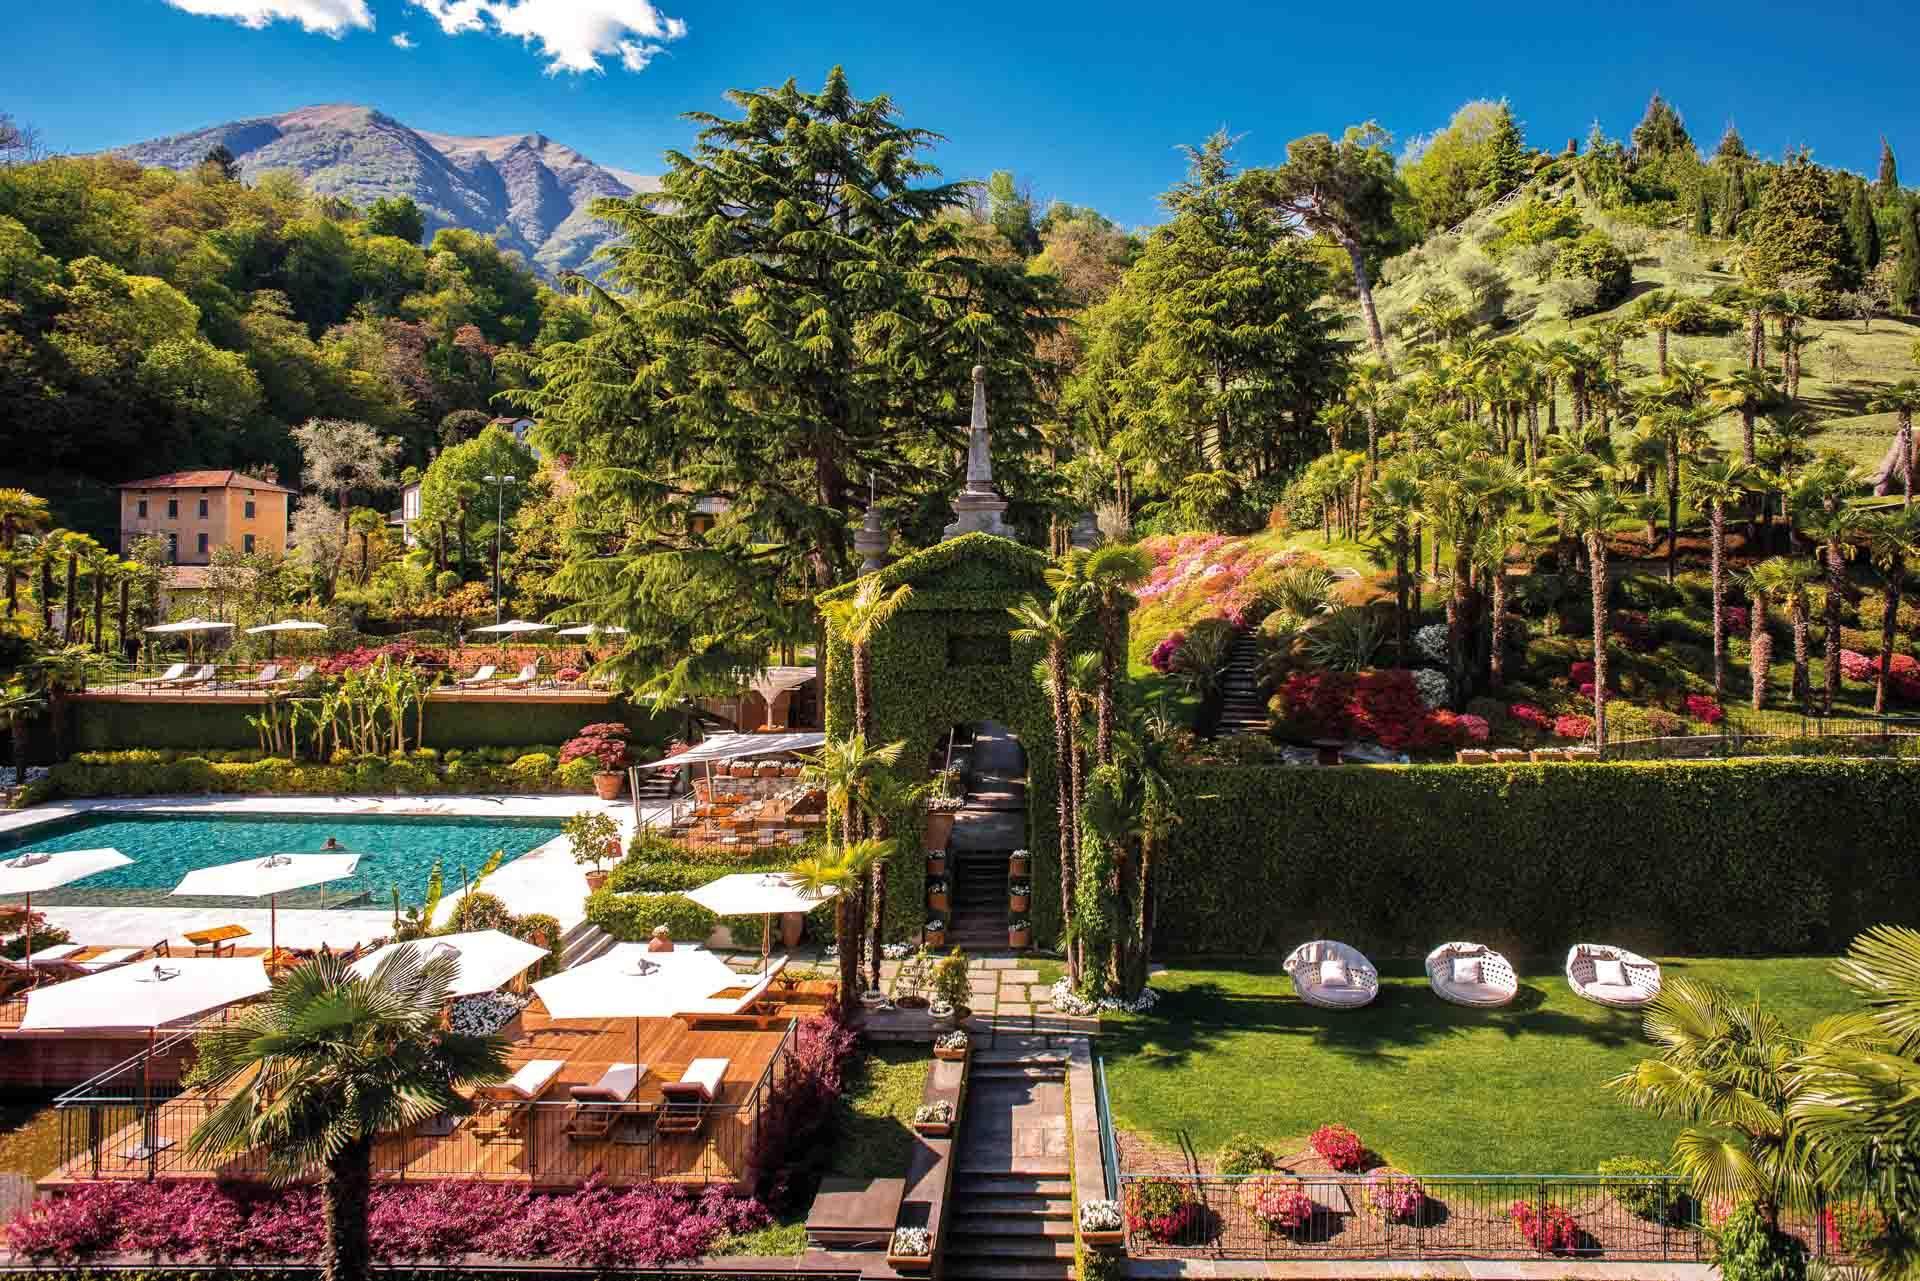 Le parc du Tremezzo avec piscine et tennis © Grand Hotel Tremezzo